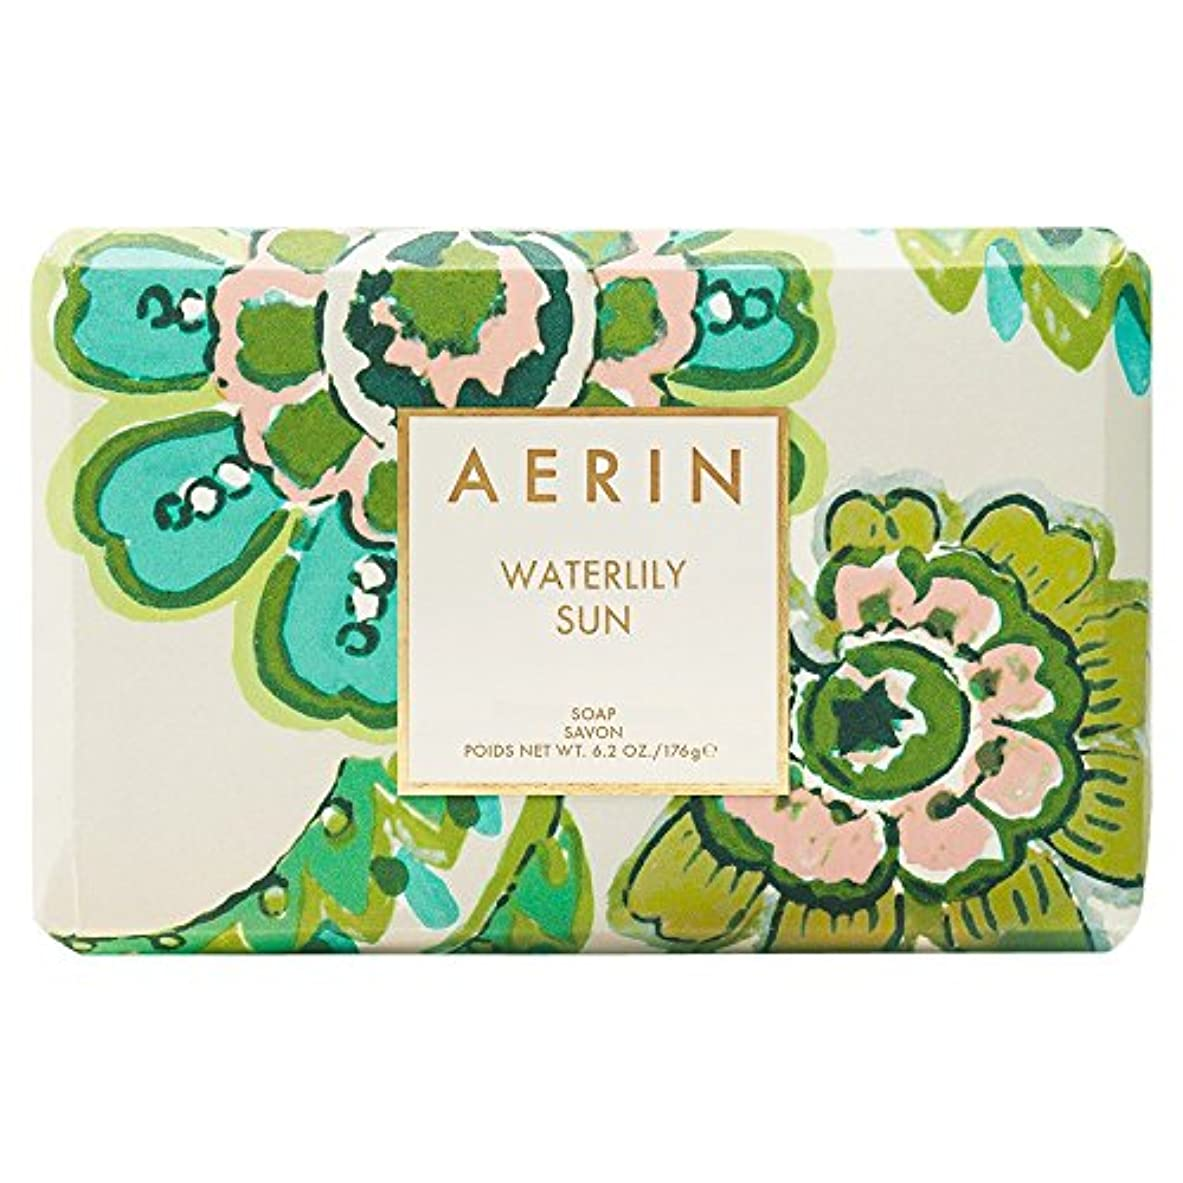 スポーツマン破滅つまらないAerinスイレン日石鹸176グラム (AERIN) (x6) - AERIN Waterlily Sun Soap 176g (Pack of 6) [並行輸入品]